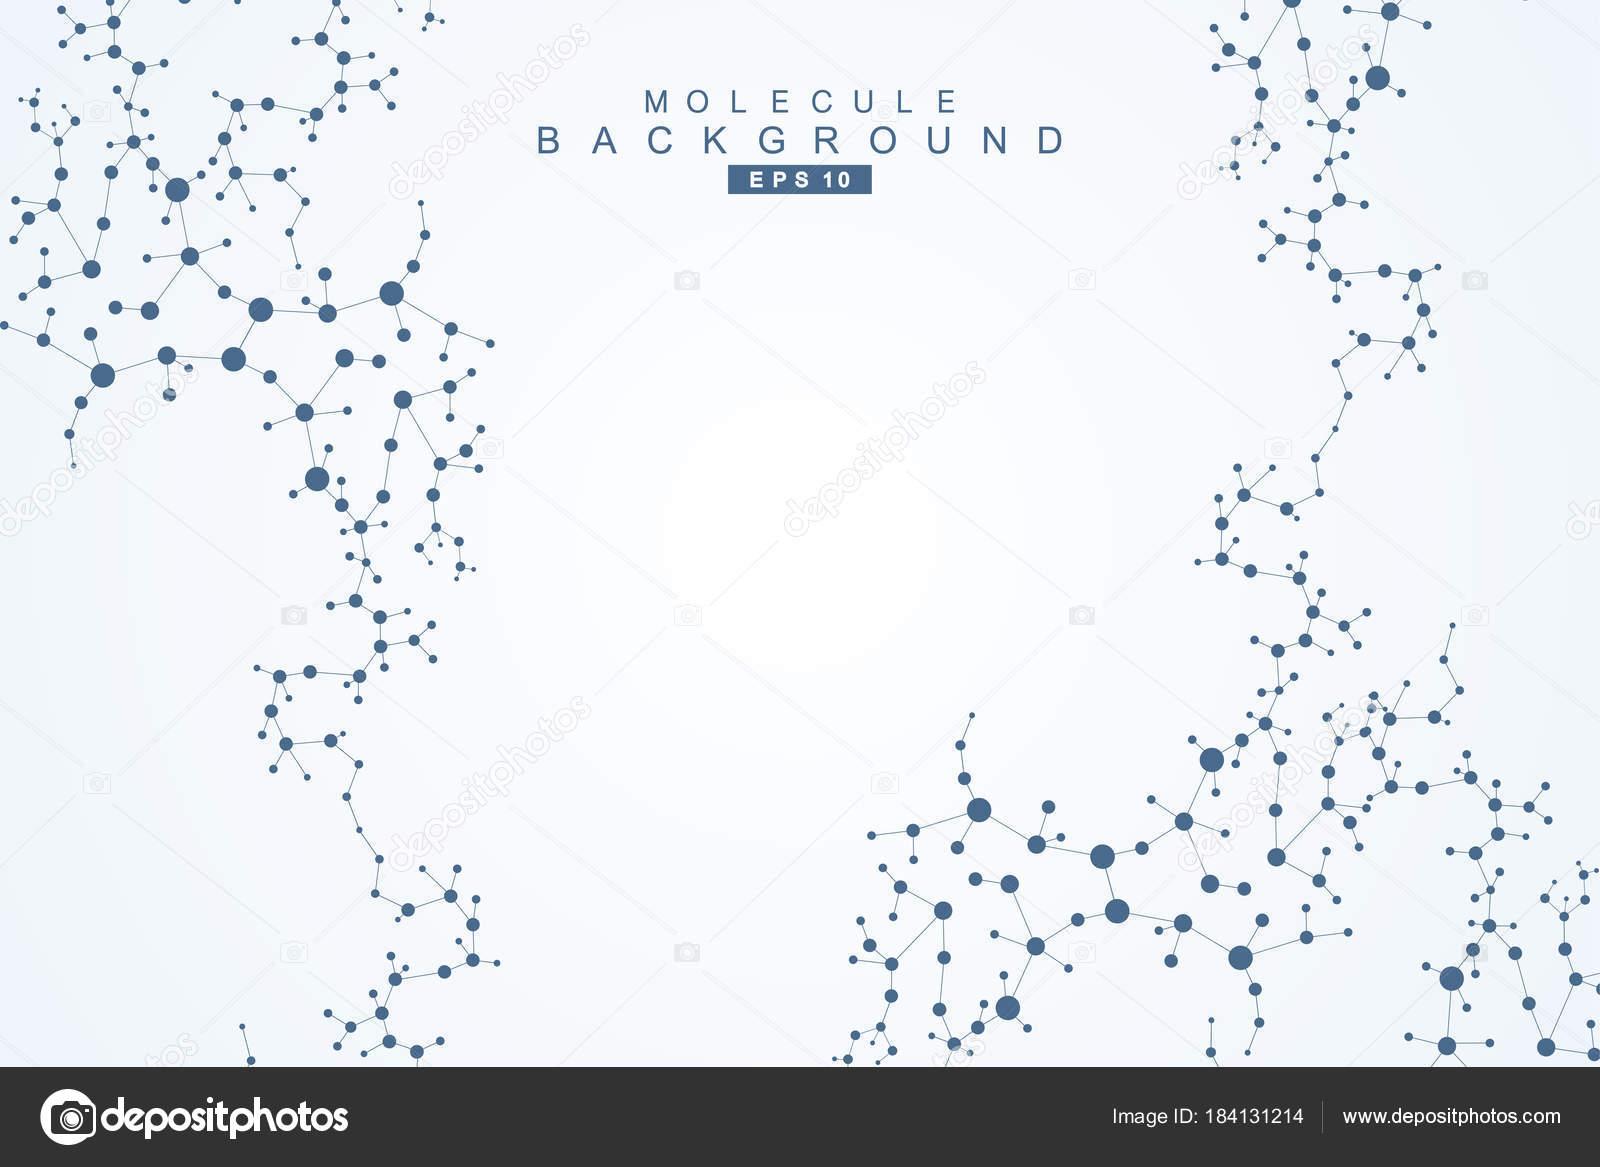 Imágenes Una Neurona Para Colorear Molécula De Estructura